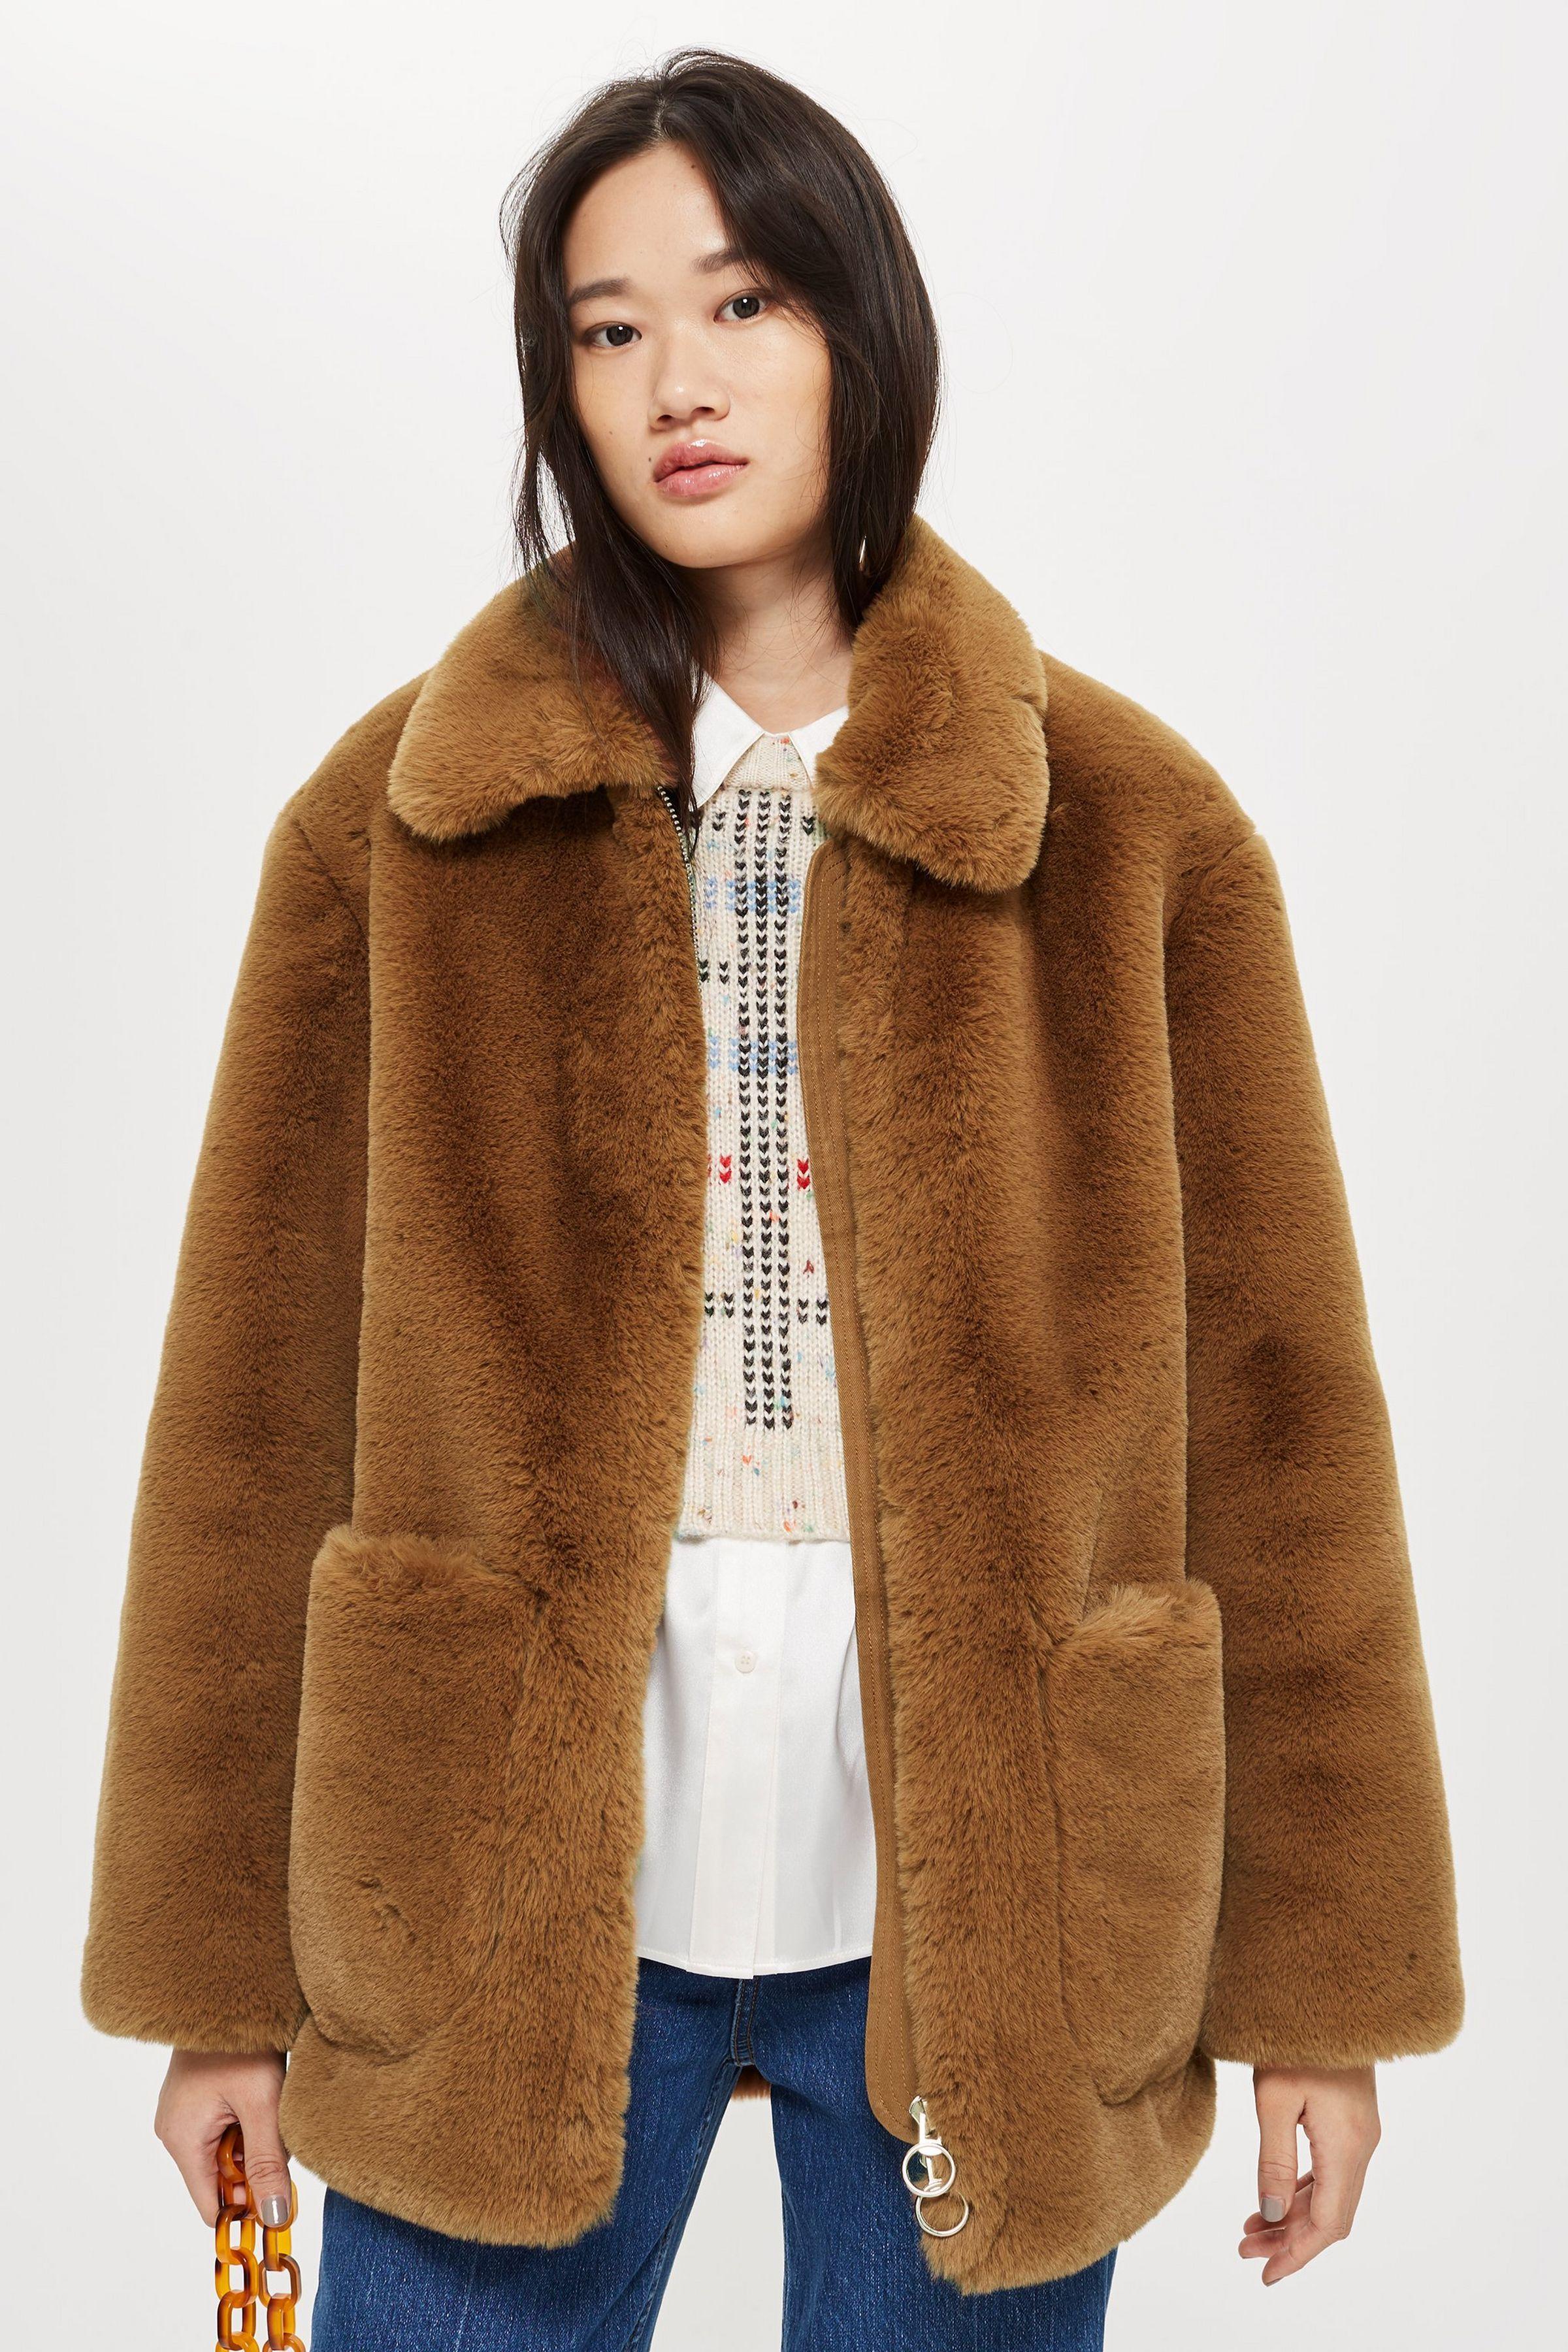 Faux Fur Zip Up Jacket in 2020 Fashion, Jackets, Fur coat